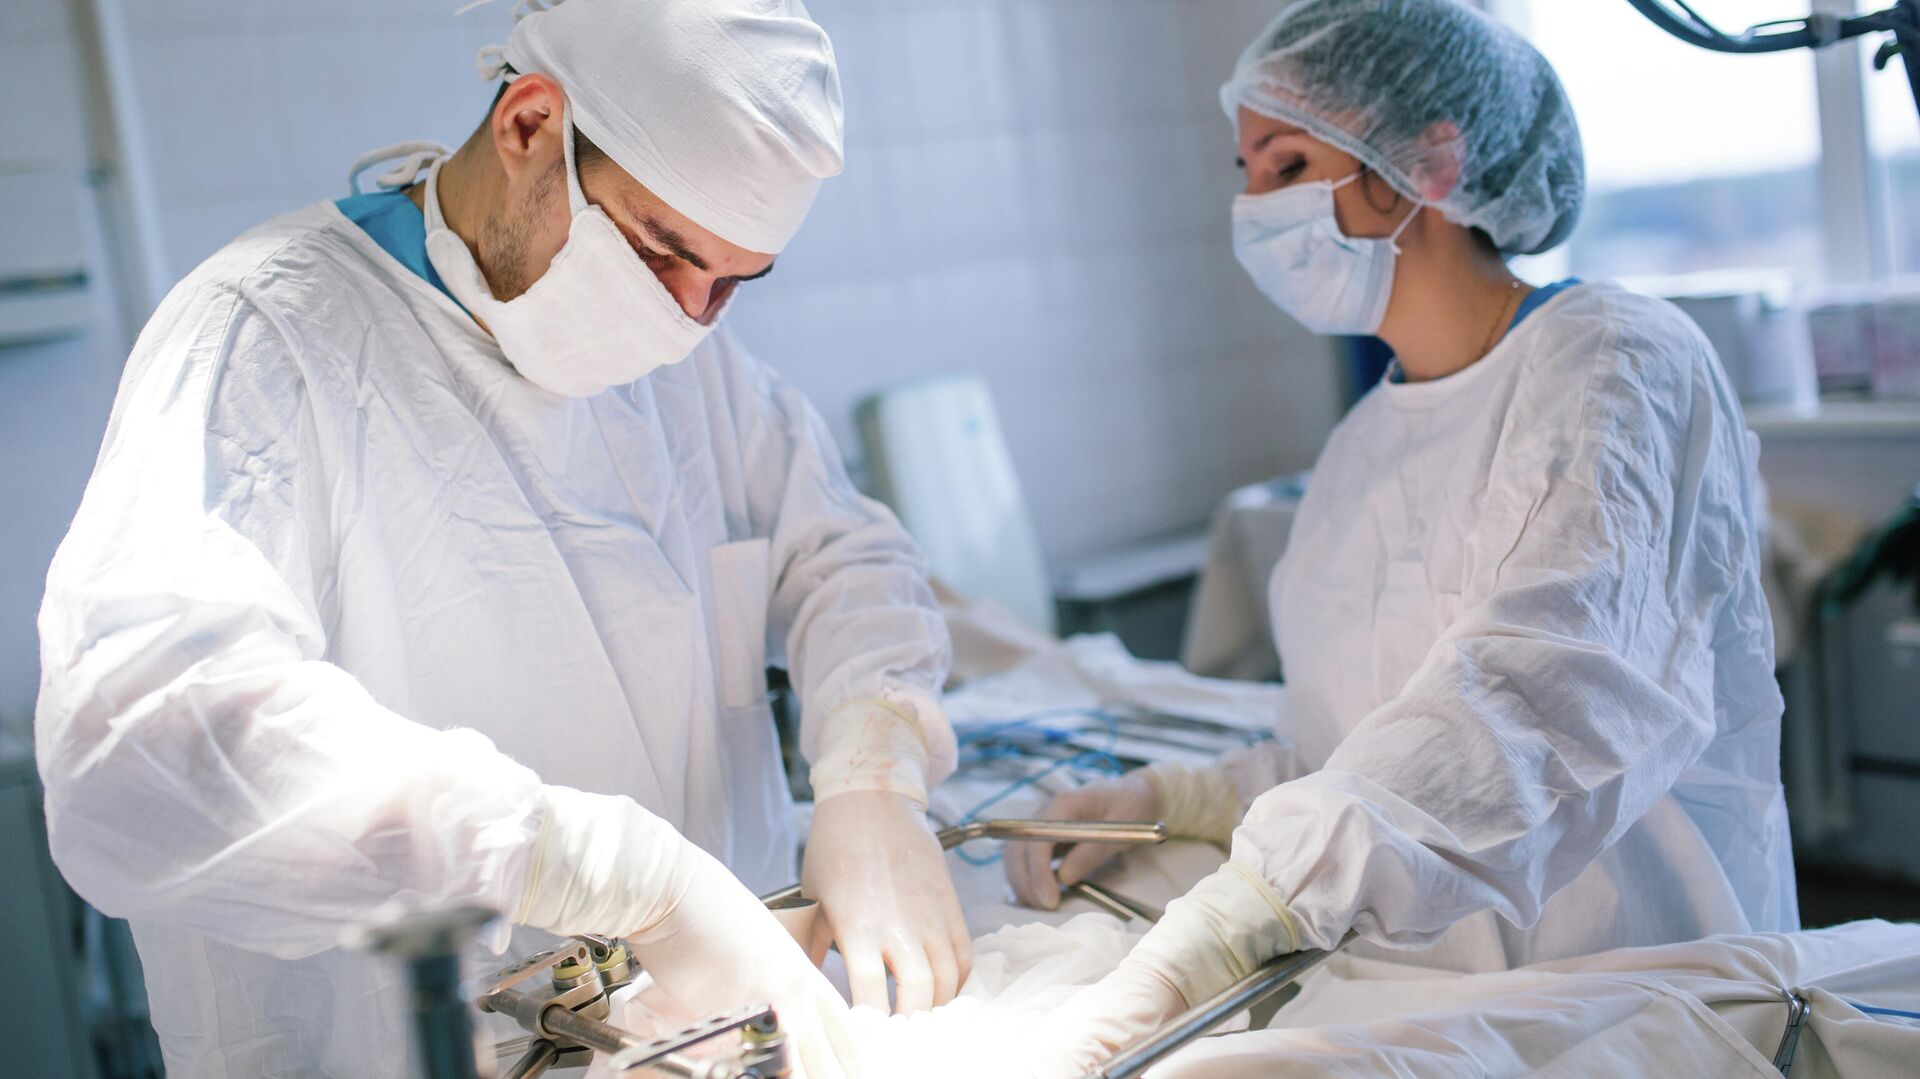 Хирурги на операции по удалению злокачественной опухоли  - РИА Новости, 1920, 07.04.2021